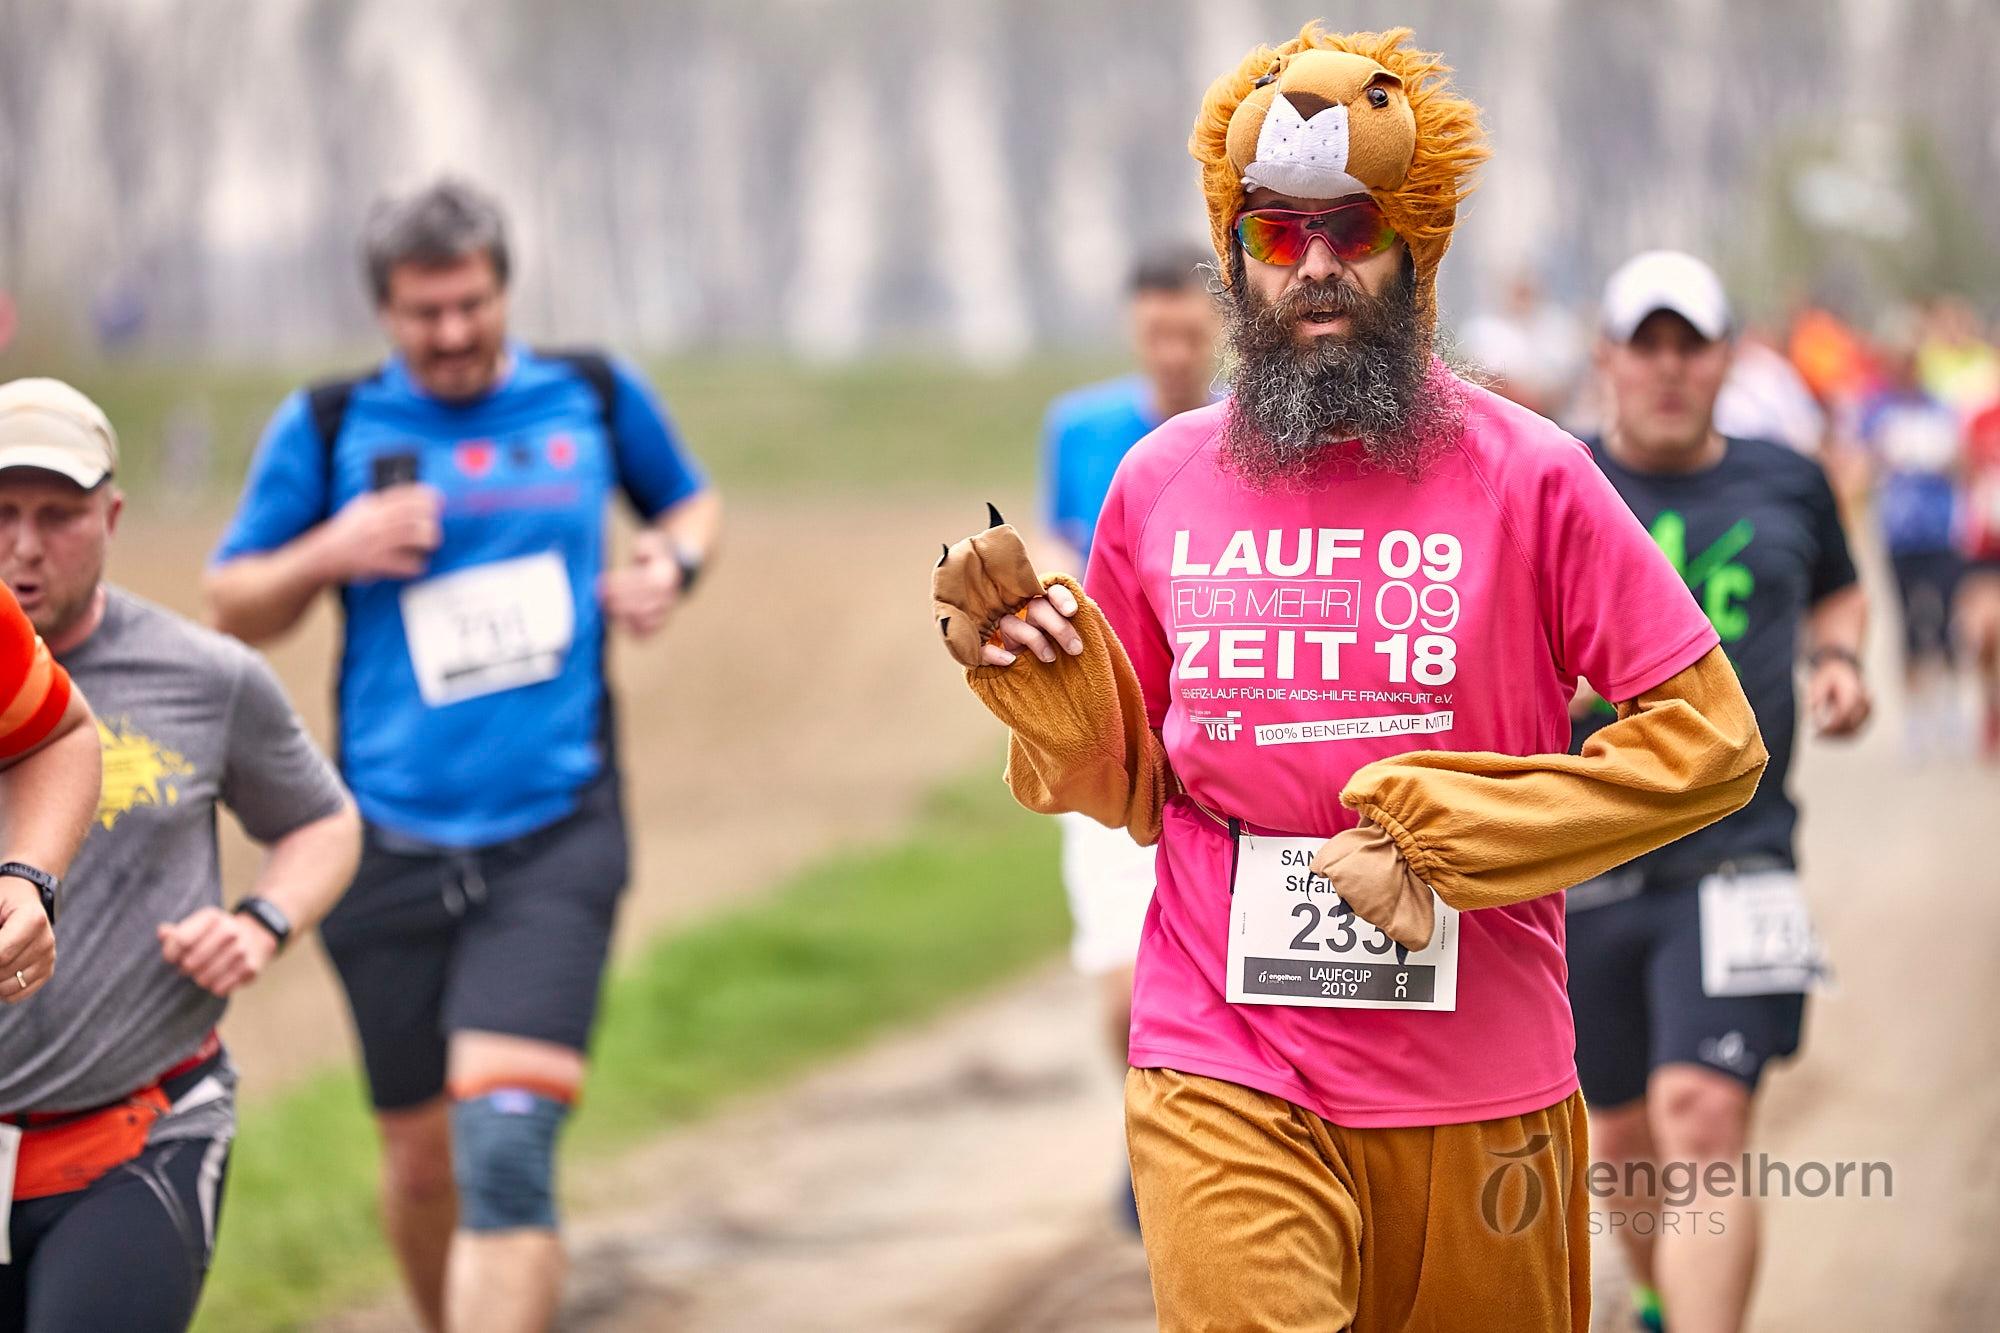 33. Sandhofener Straßen lauf - engelhorn sports On Laufcup 2019